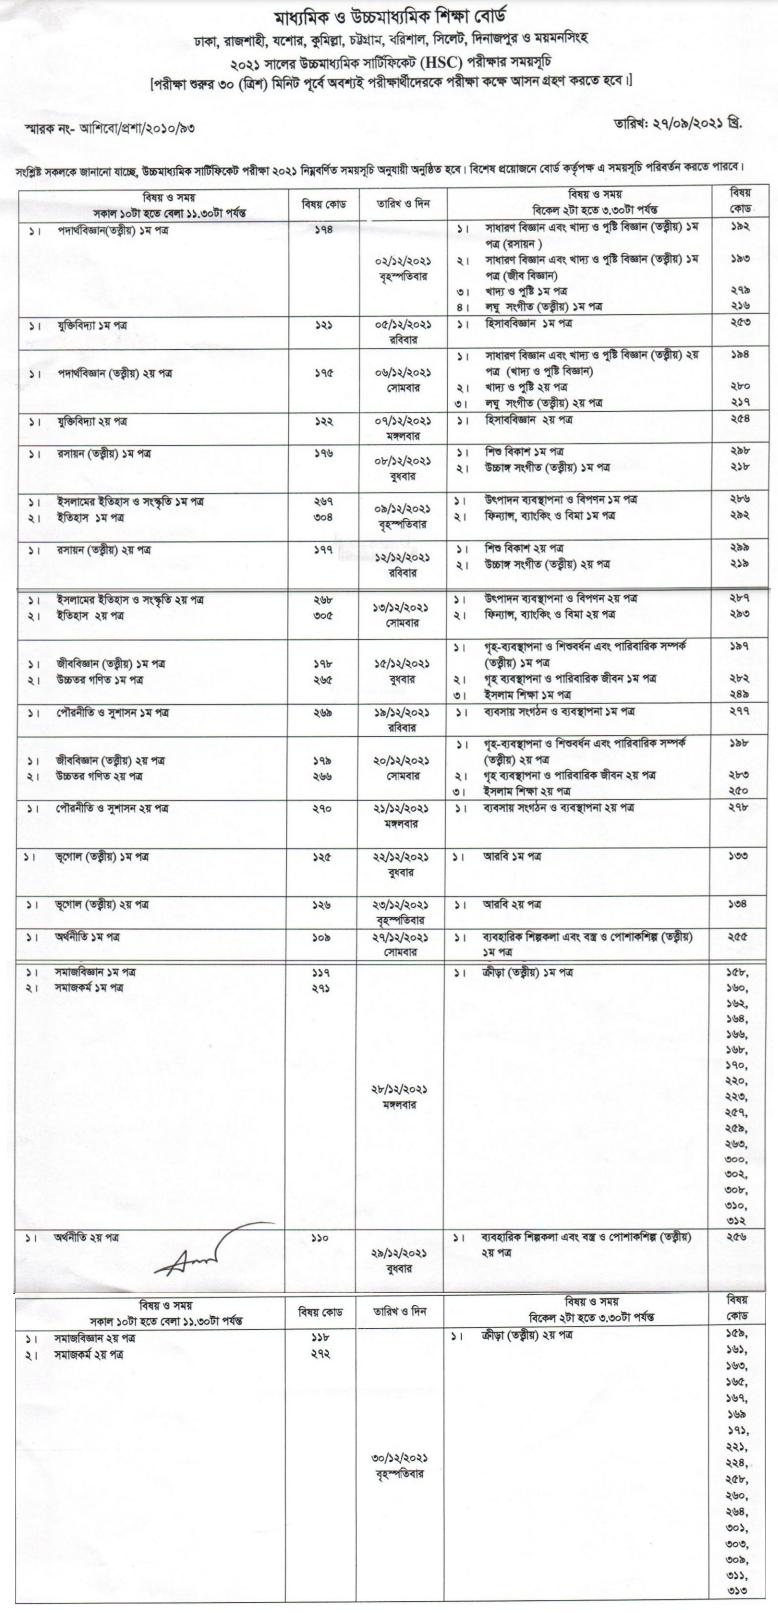 এইচ এস সি পরীক্ষার রুটিন - HSC EXAM ROUTINE